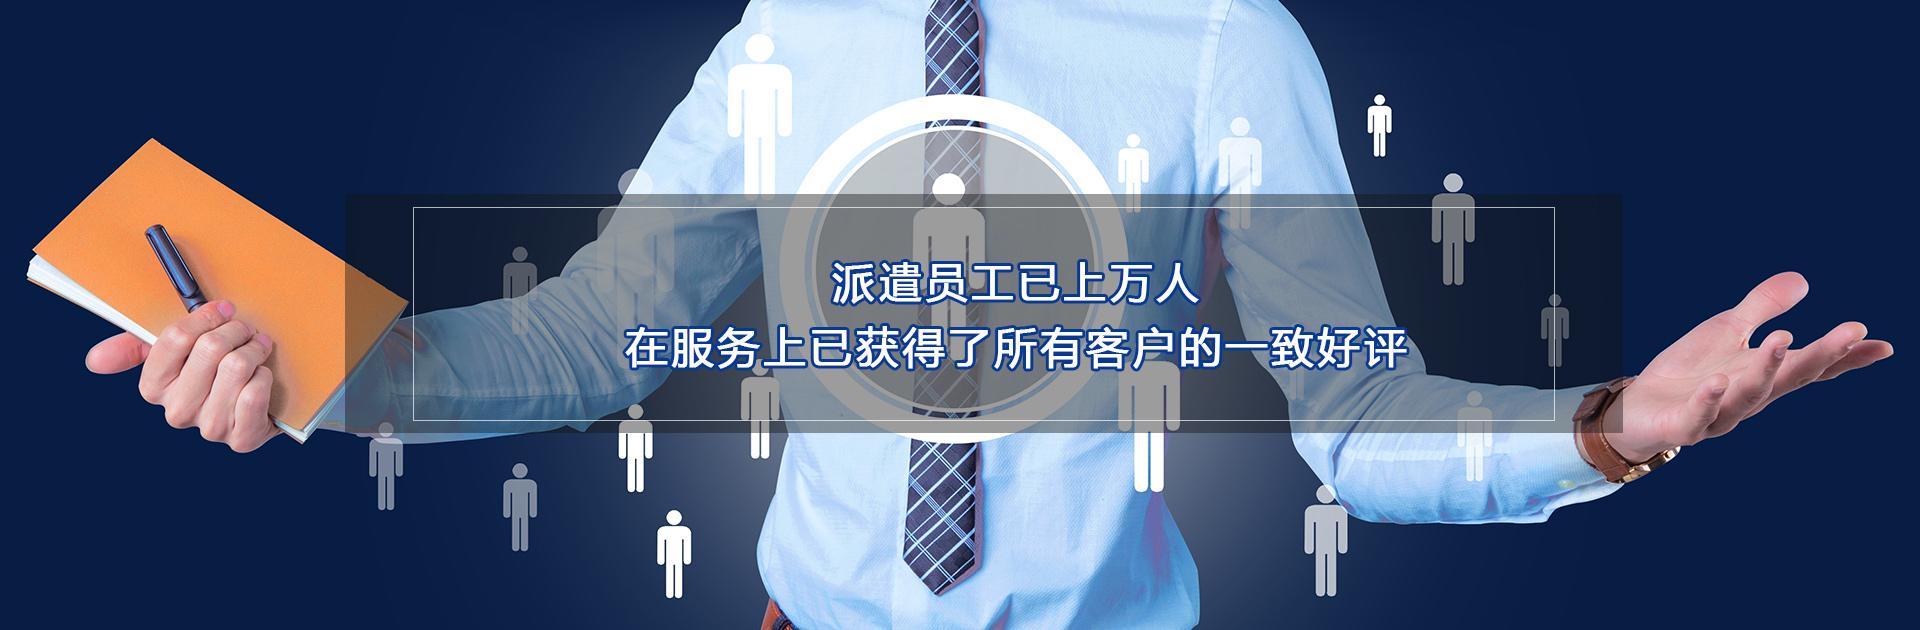 太倉職務介紹